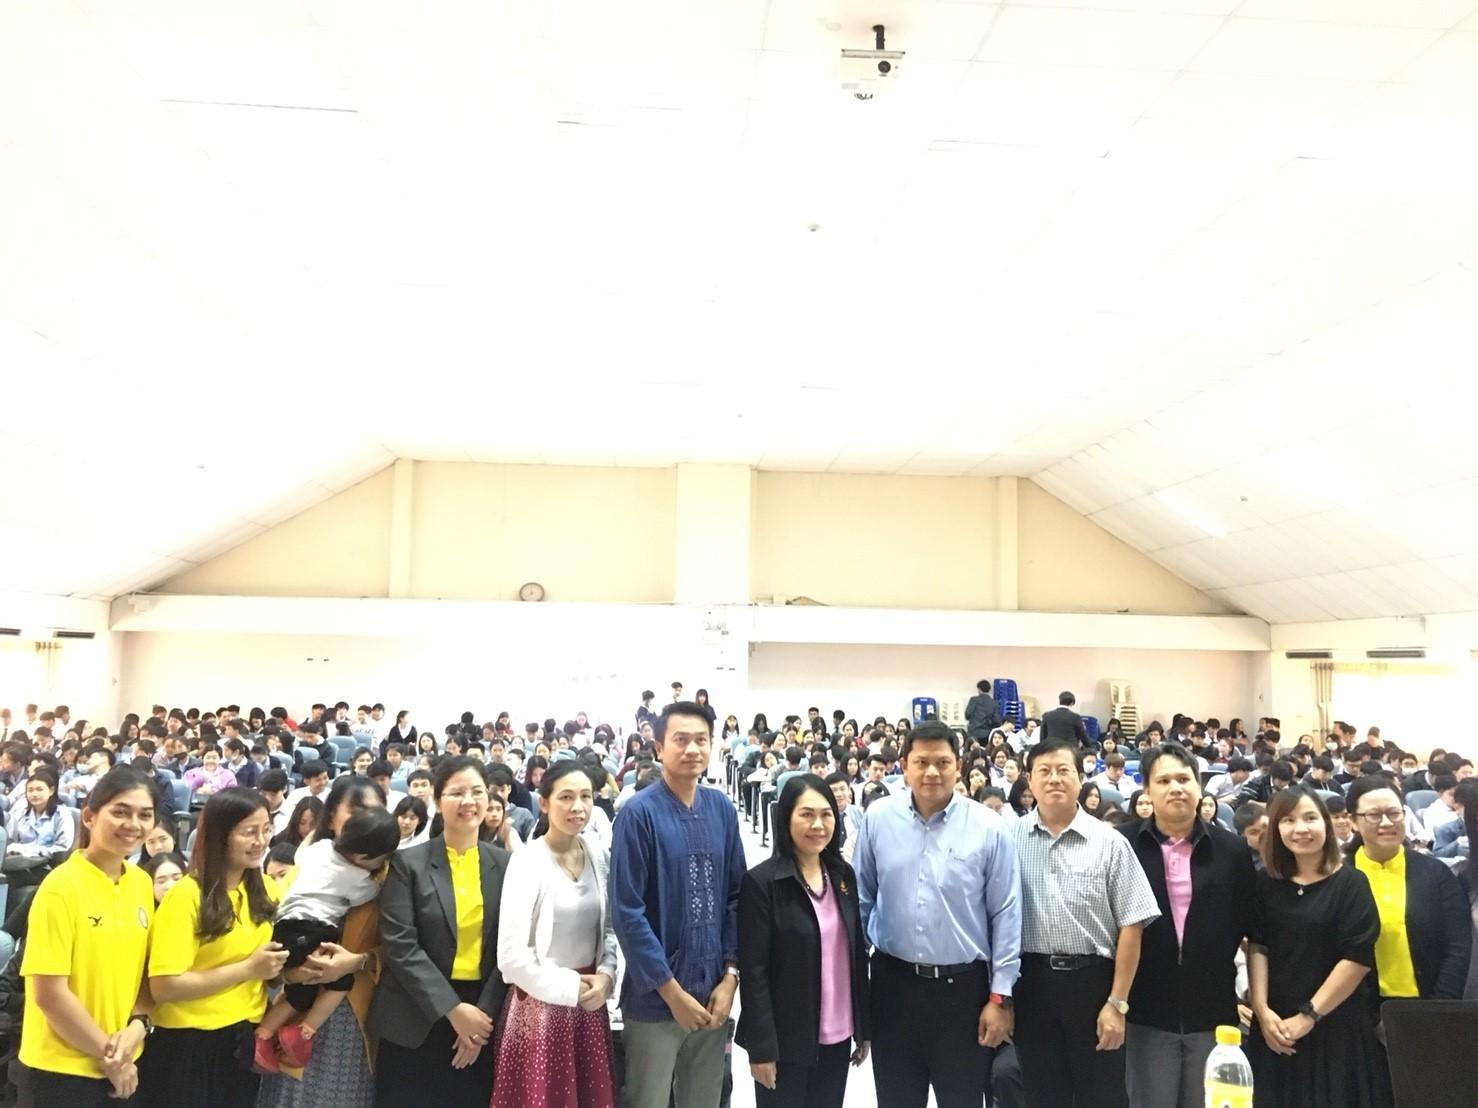 บรรยายให้ความรู้ ในหัวข้อ การเตรียมความพร้อมในการทำงานสู่อาเซียนให้แก่นักศึกษา